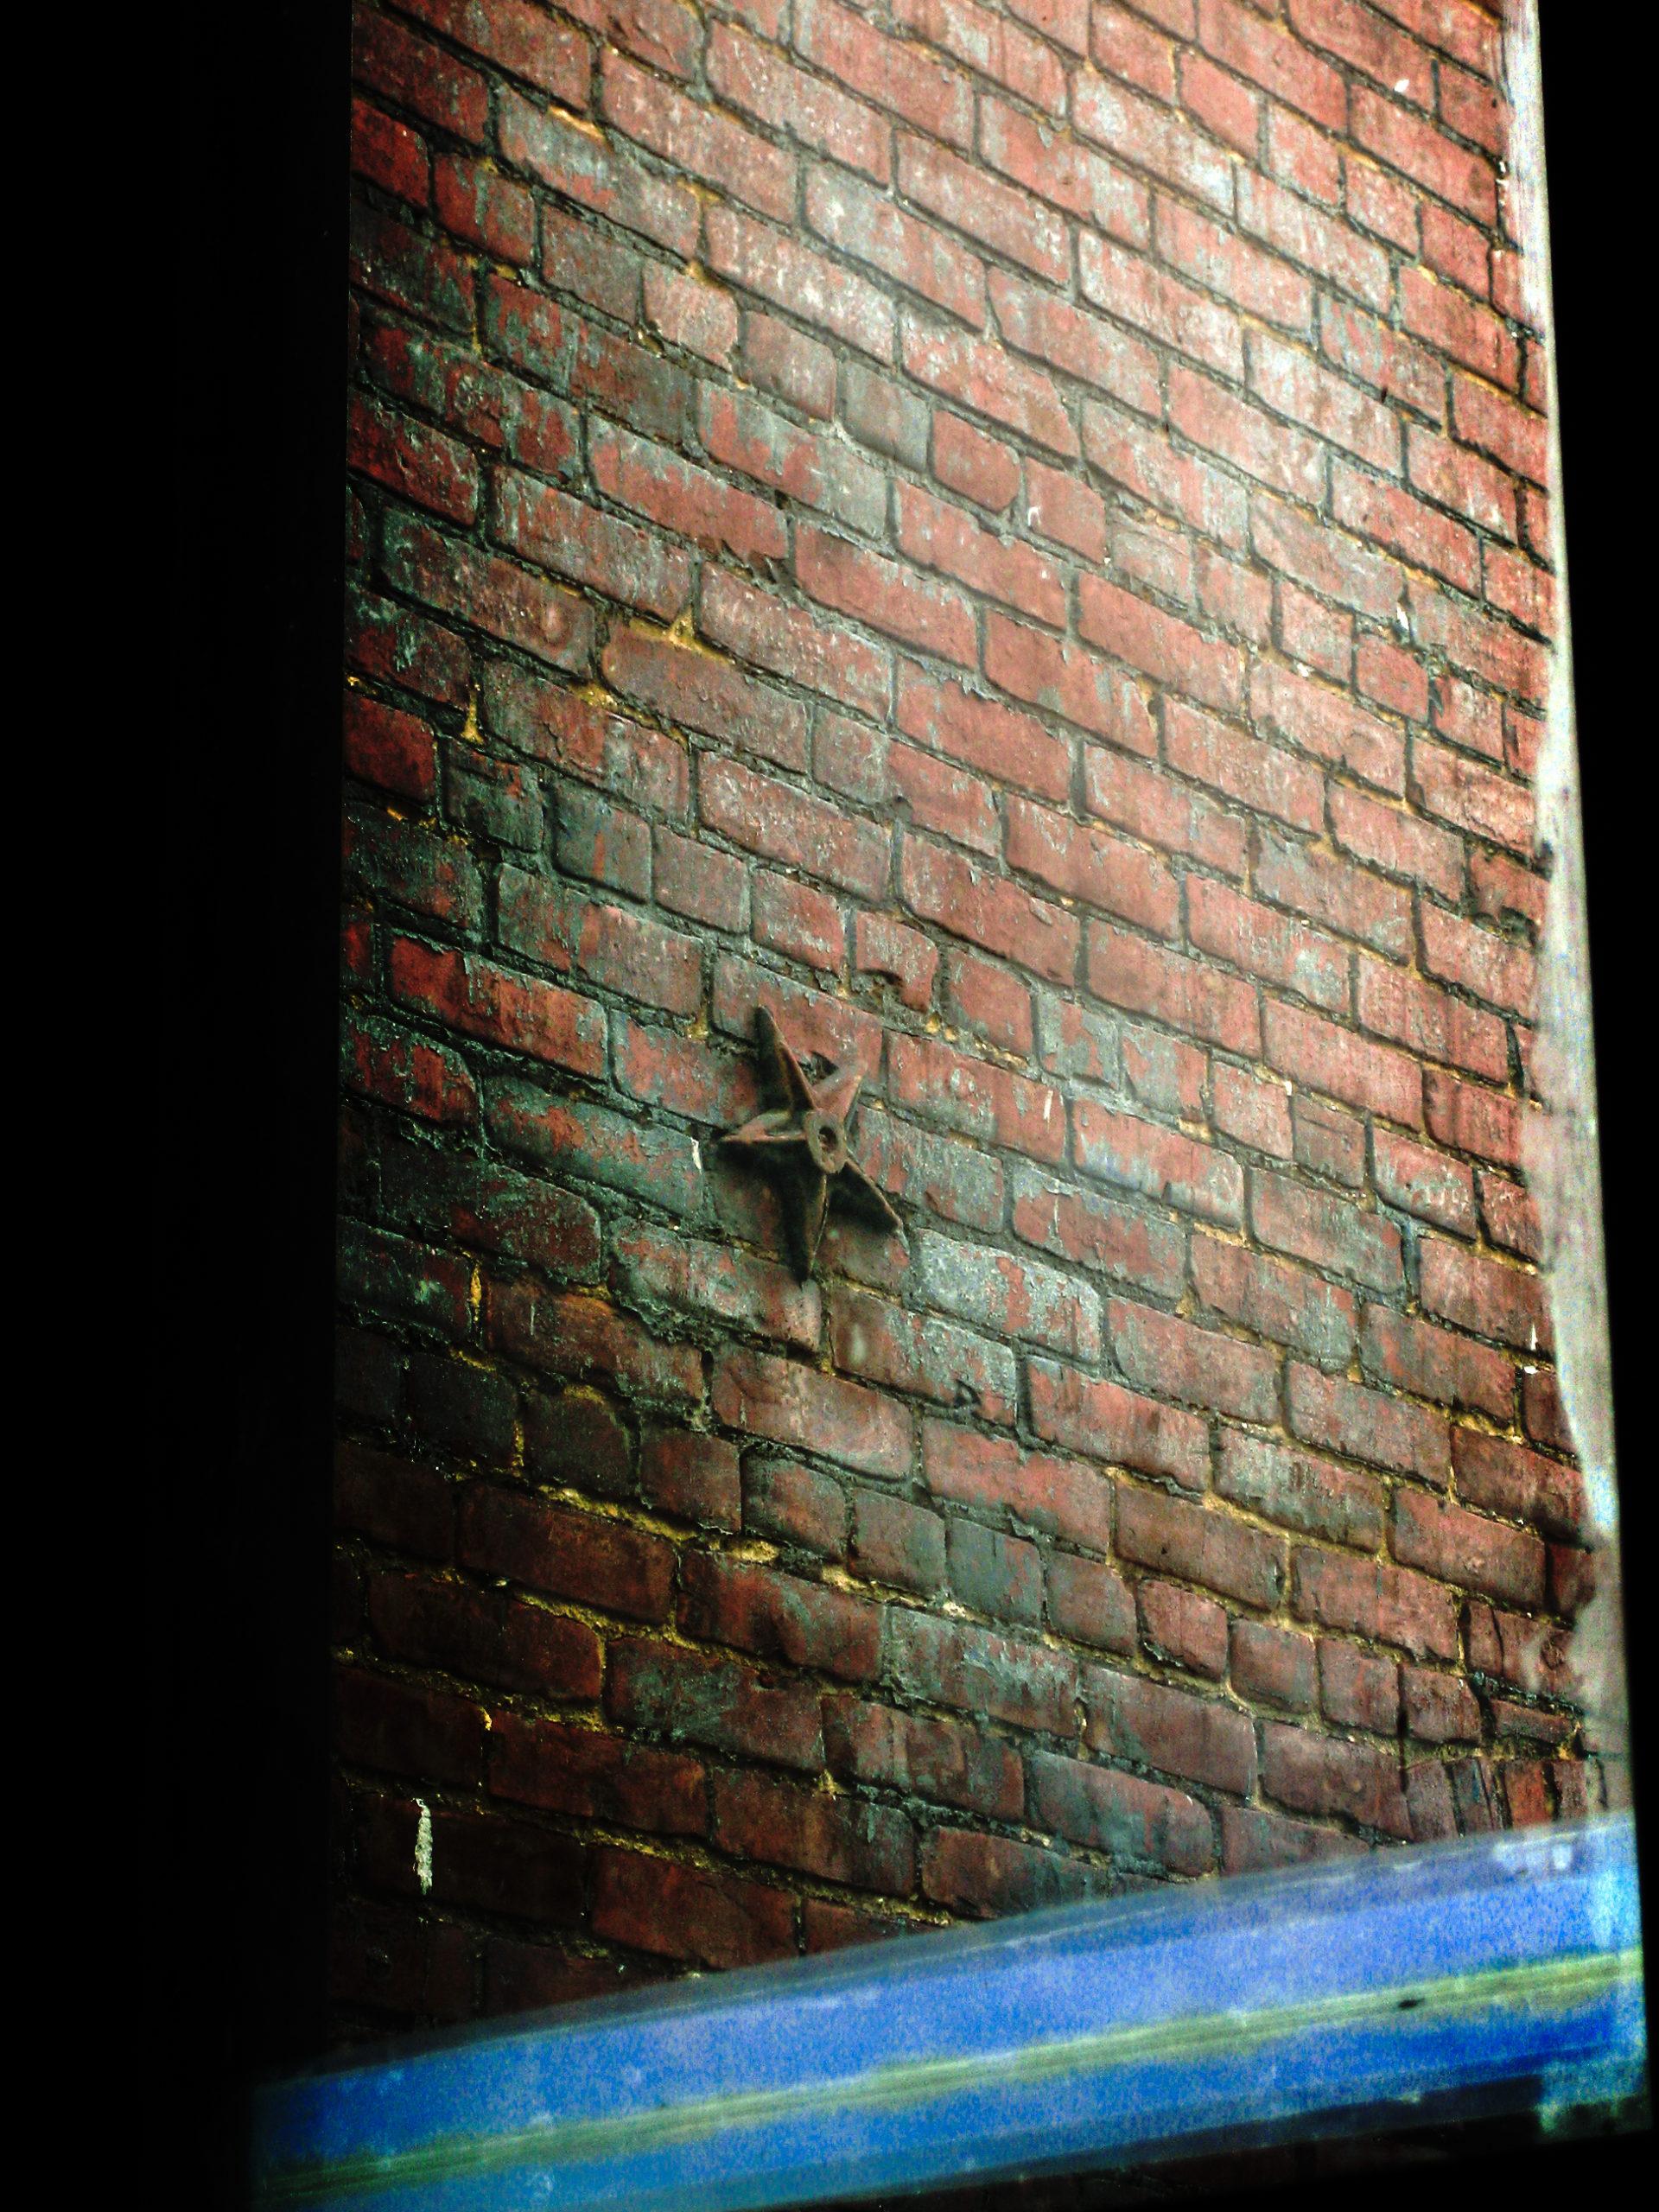 Anchor Plate, Washington D.C., April 2007